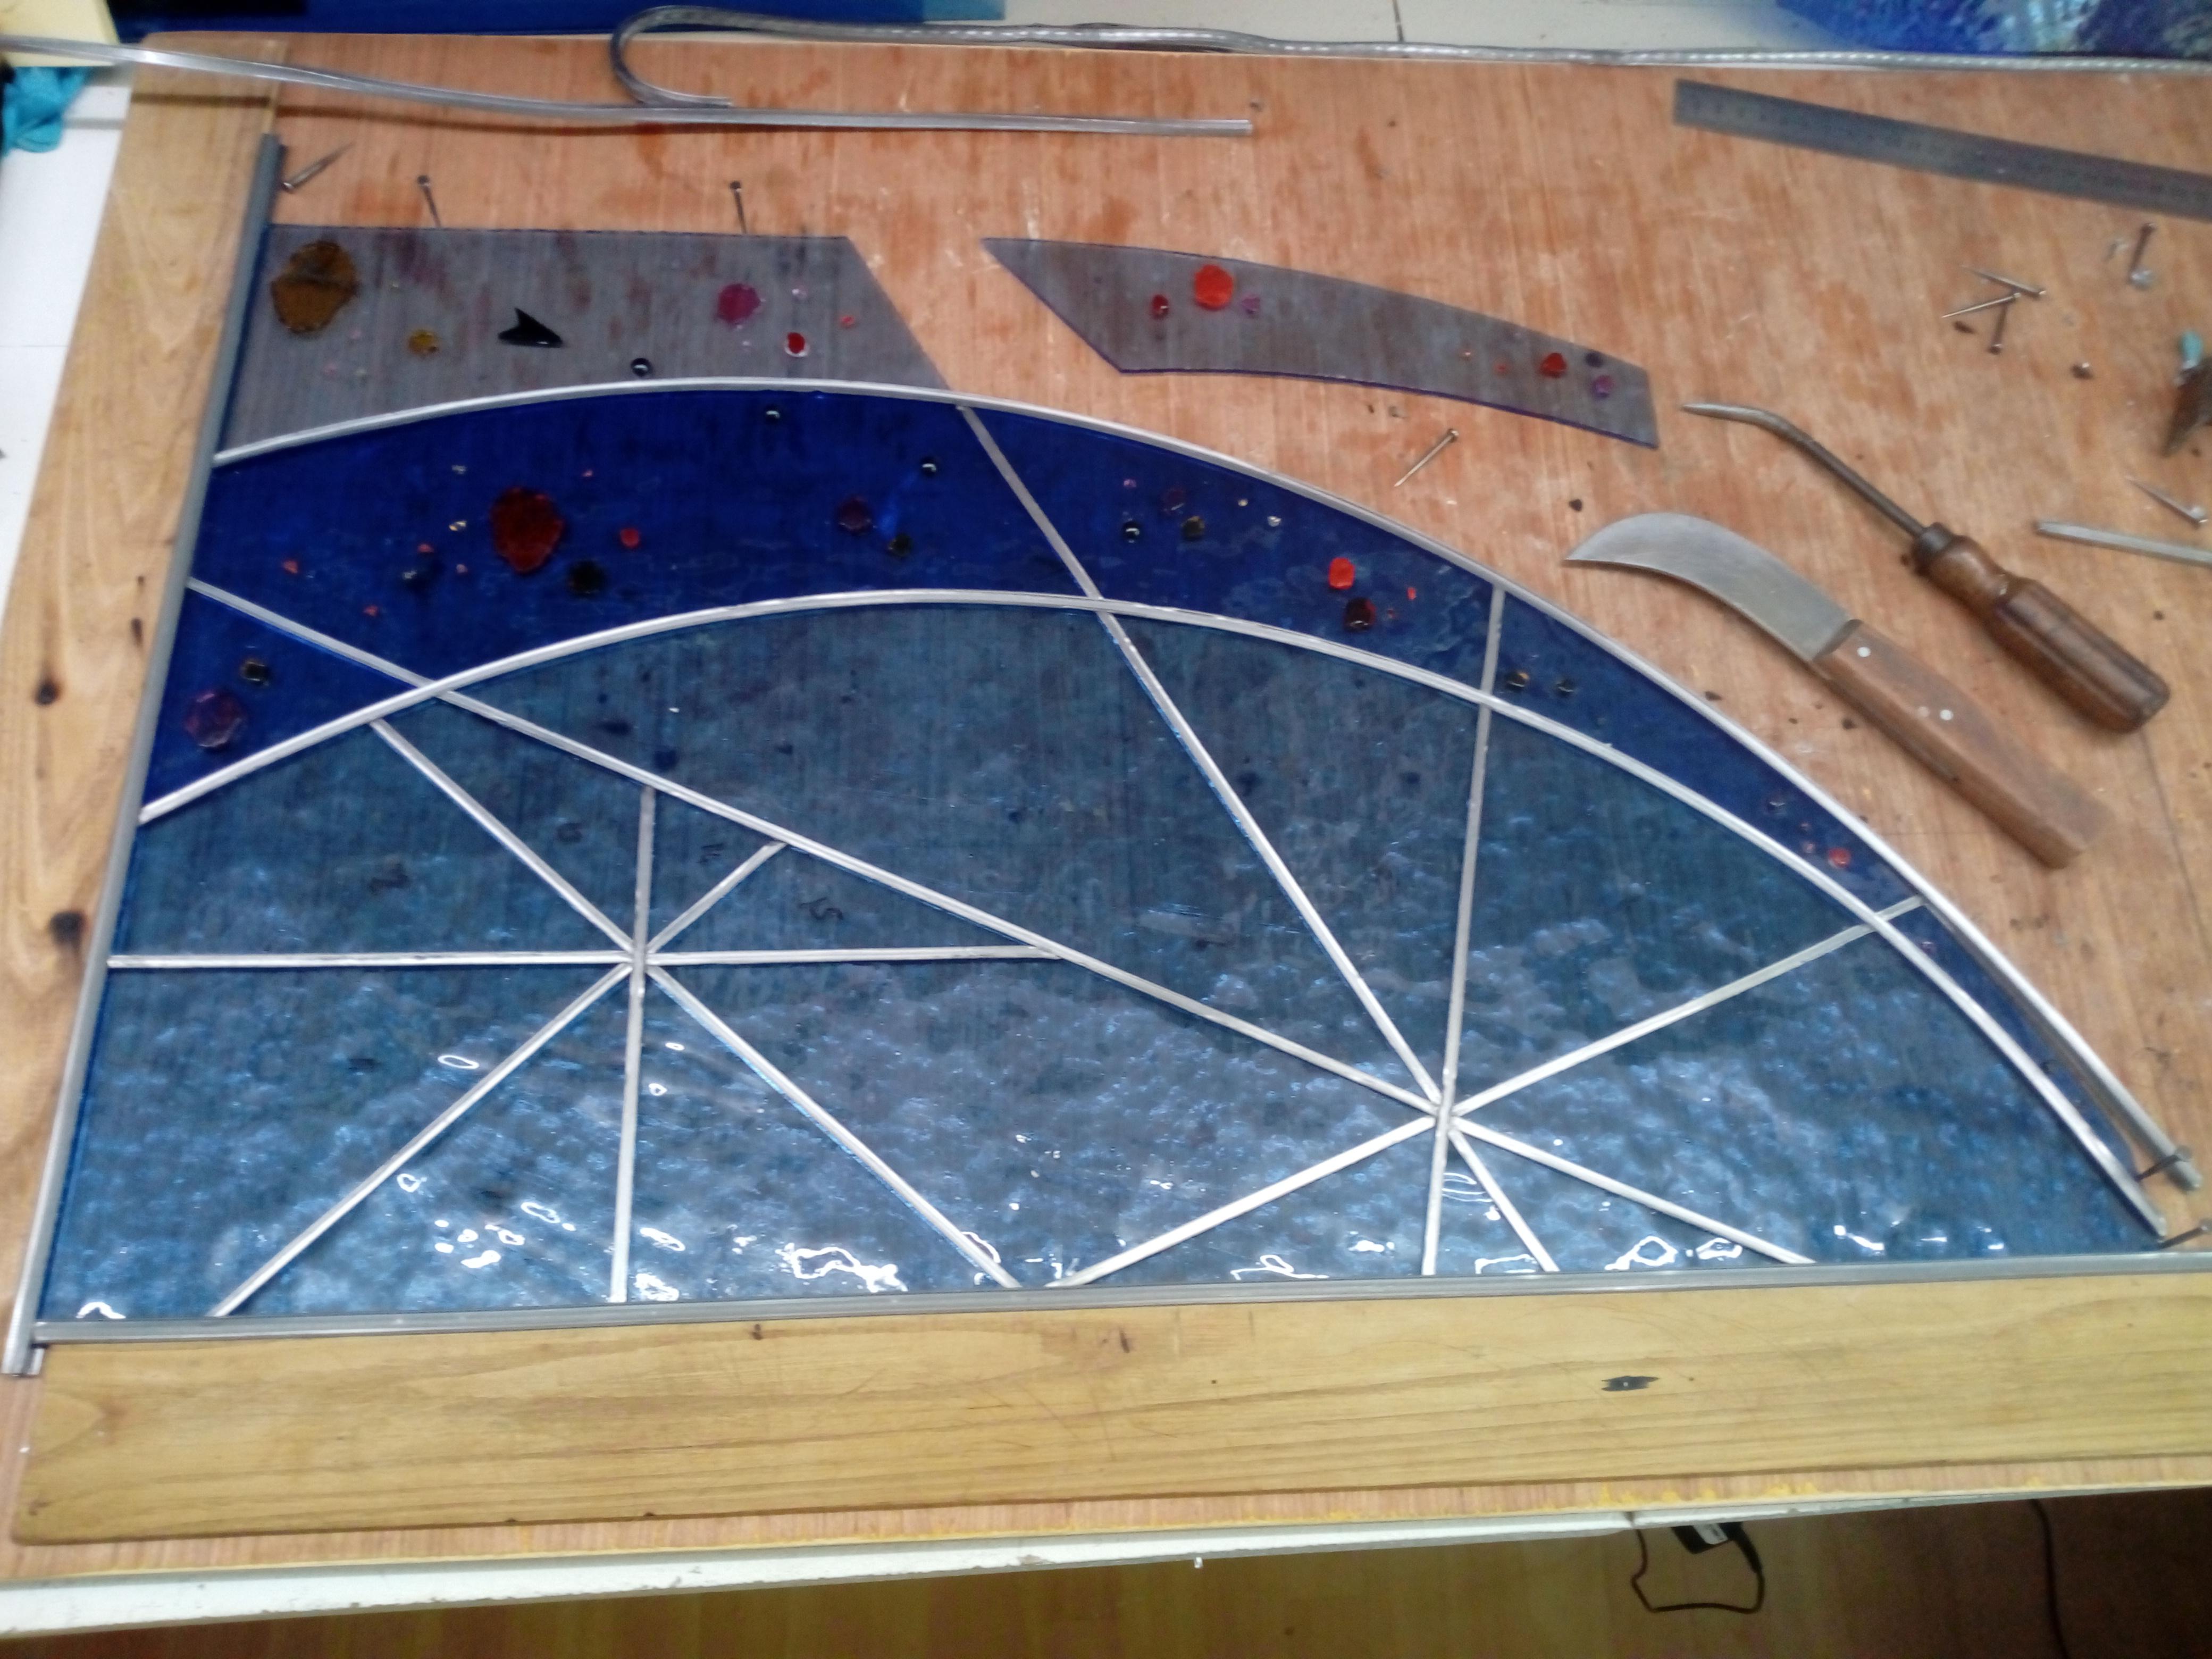 Montage du vitrail dans l'atelier